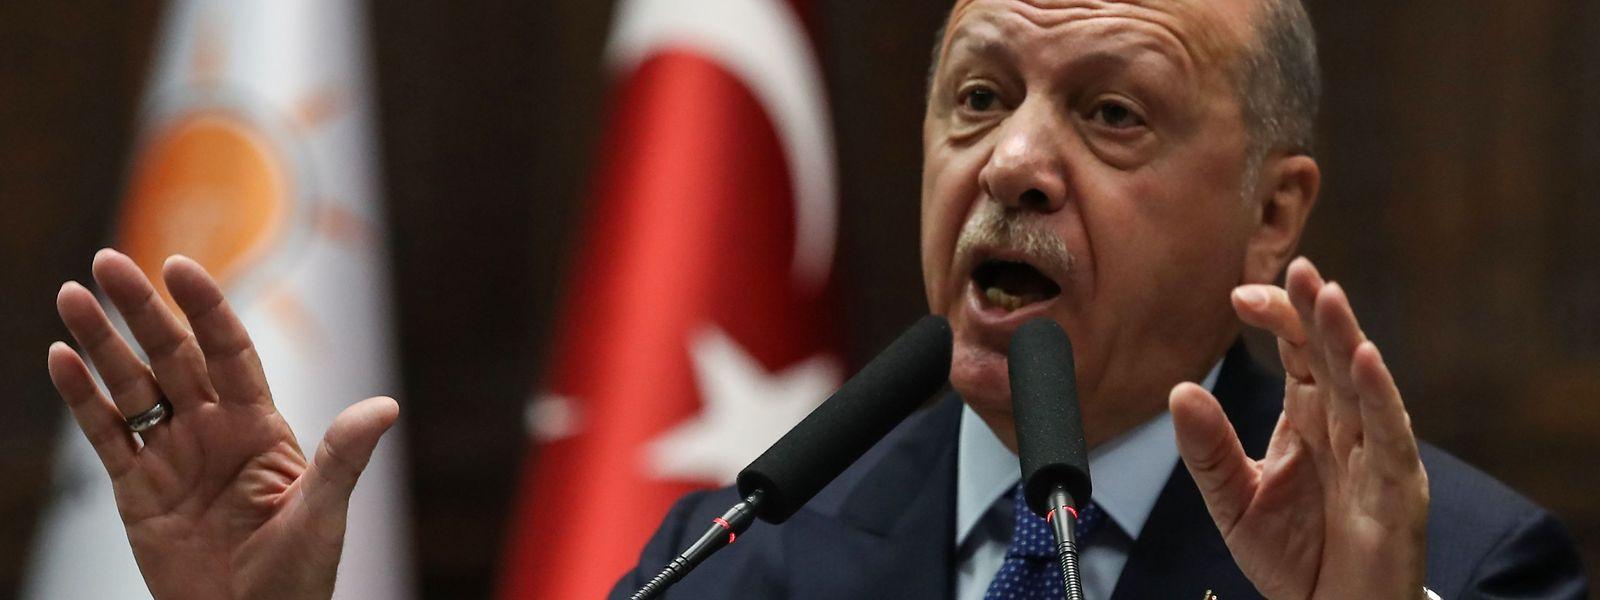 Recep Tayyip Erdogan nutzt den Einmarsch in Nordsyrien, um von innenpolitischen Problemen abzulenken.